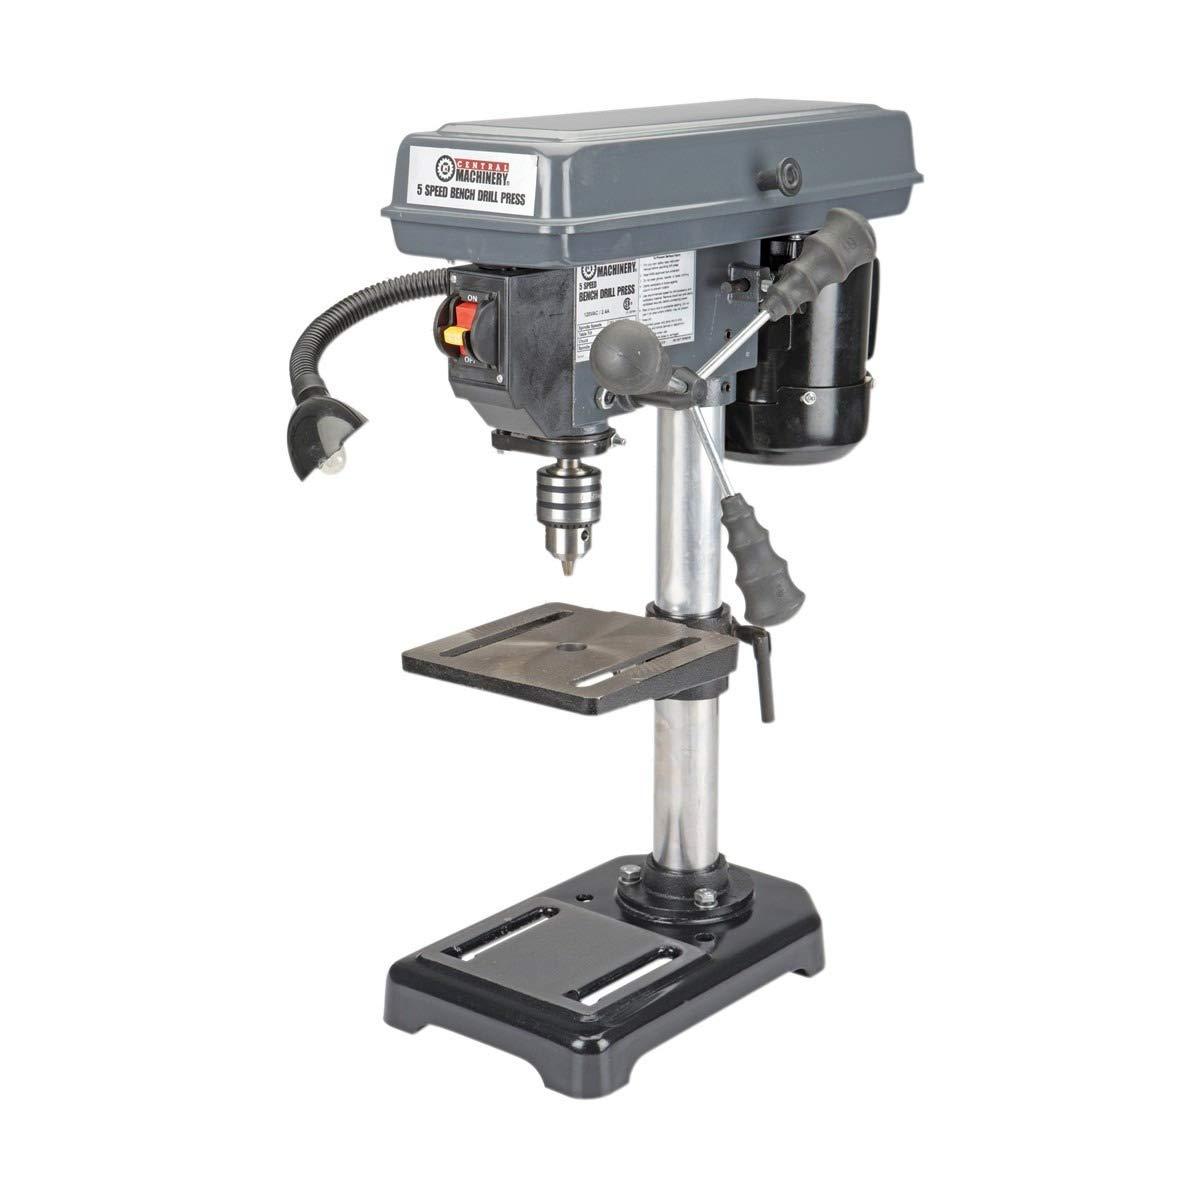 8-inches-drill-press